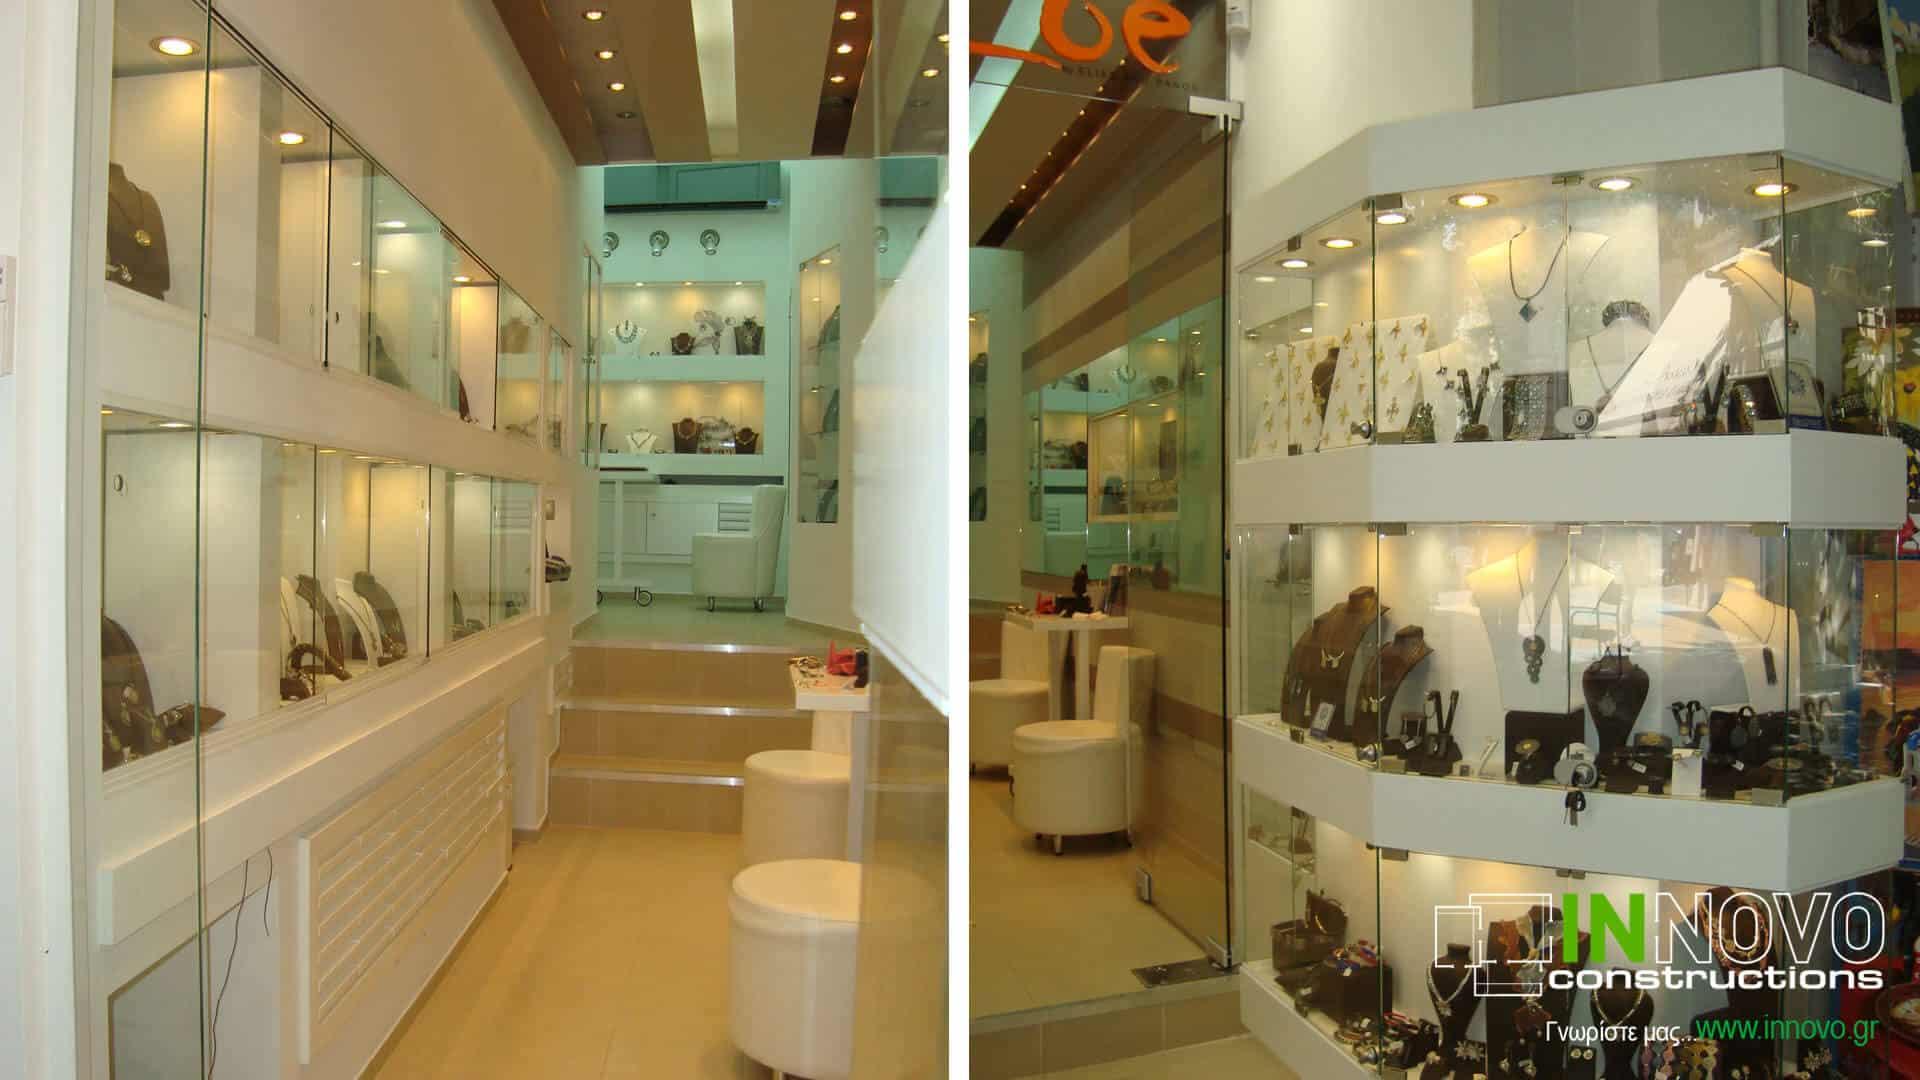 1-kataskevi-kosmimatopoleiou-jewelry-construction-kosmimatopoleio-monastiraki-1120-3-2